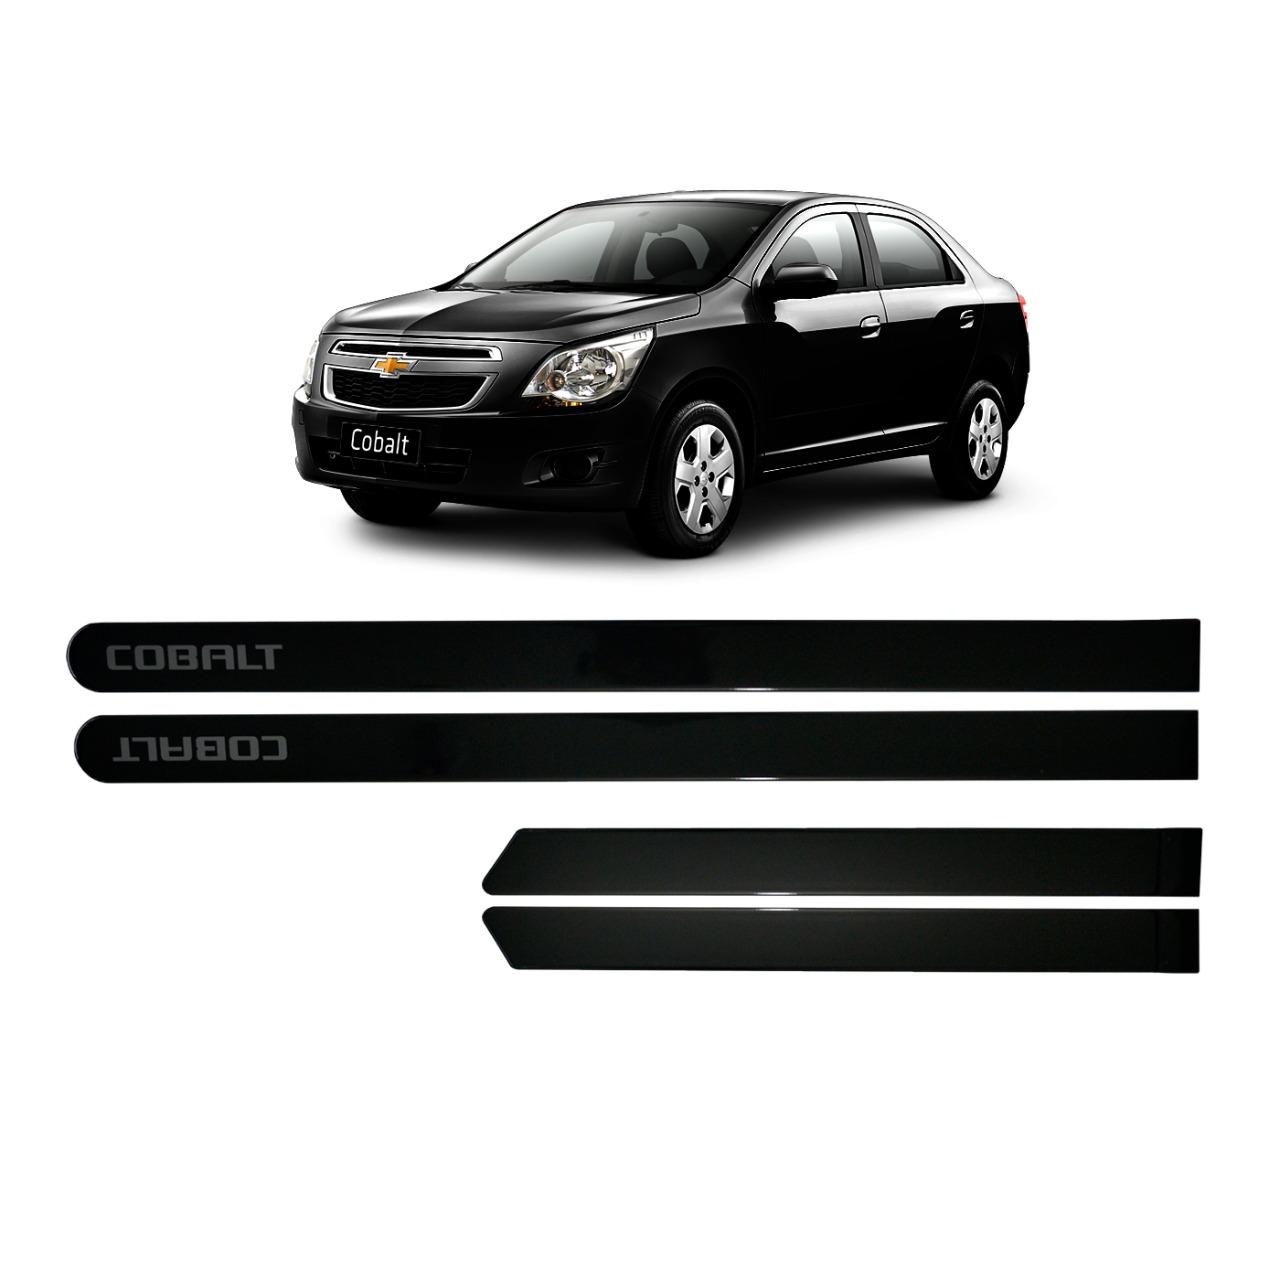 Jogo Friso Lateral Chevrolet Cobalt Preto Negro Personalizado